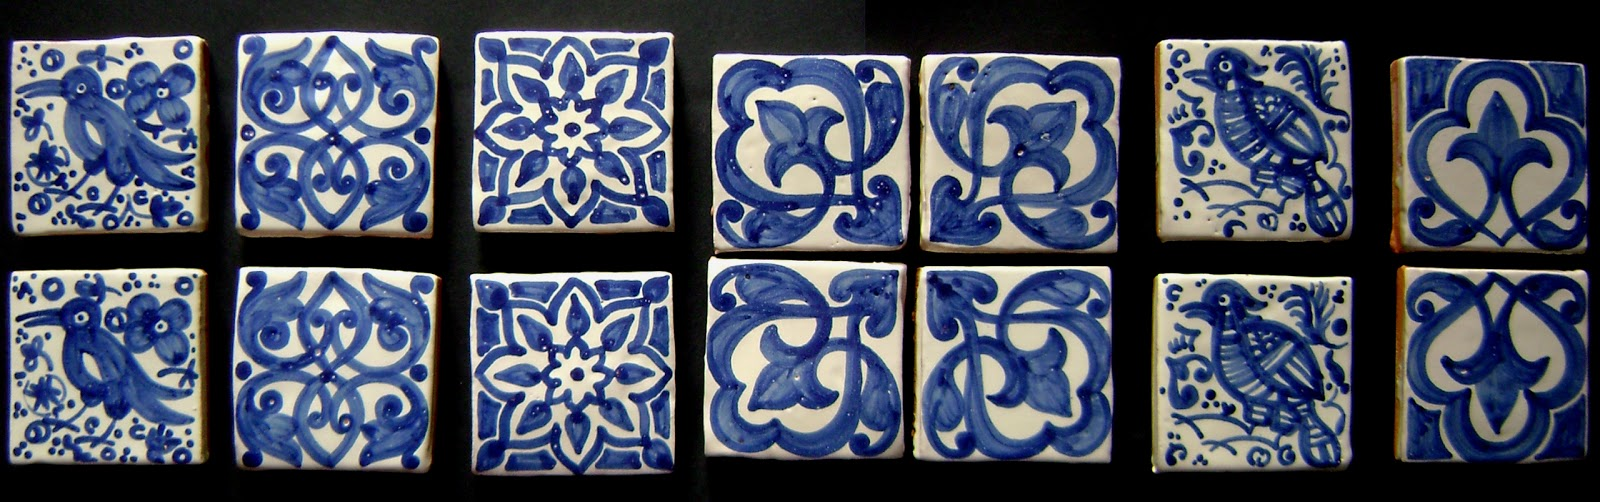 azulejos hechos a mano en barro rojo y esmaltados en siglo xv y decorados en azul cobaltotienen unas medidas de 10x10cm y un grosor de 2cm aproximadamente